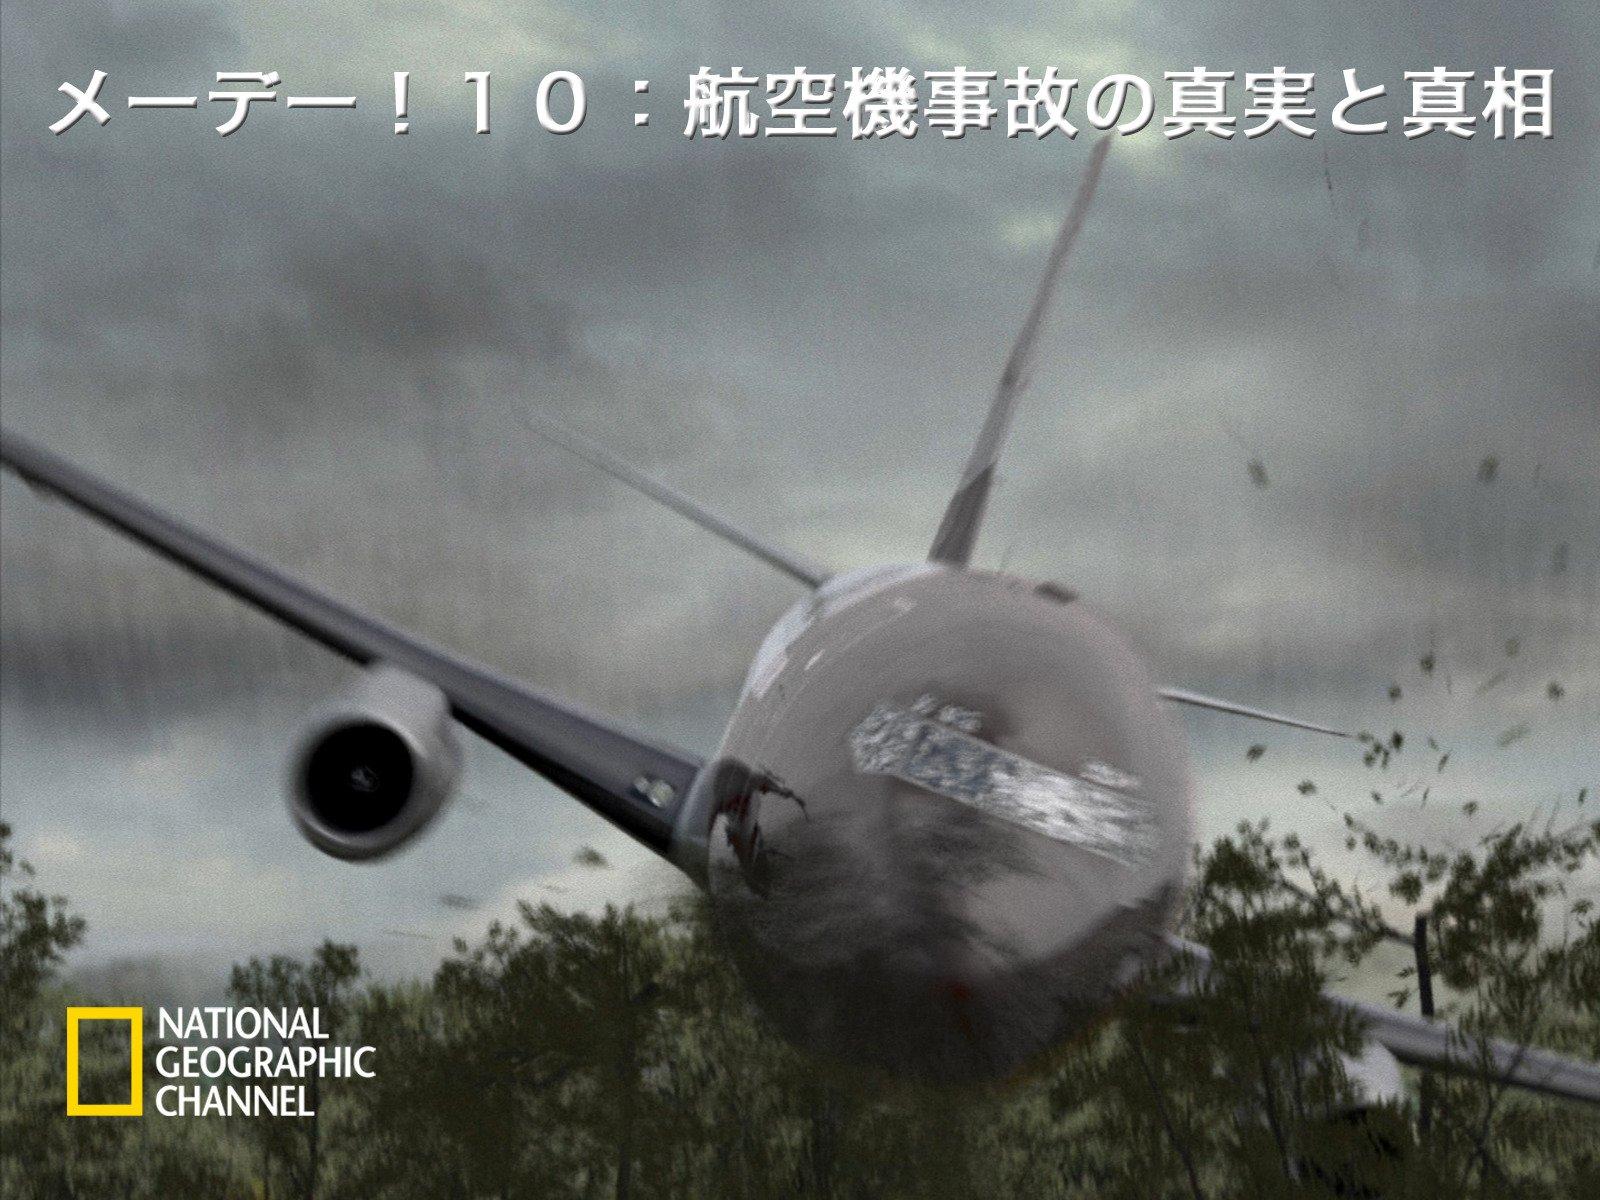 飛行機 事故 最悪